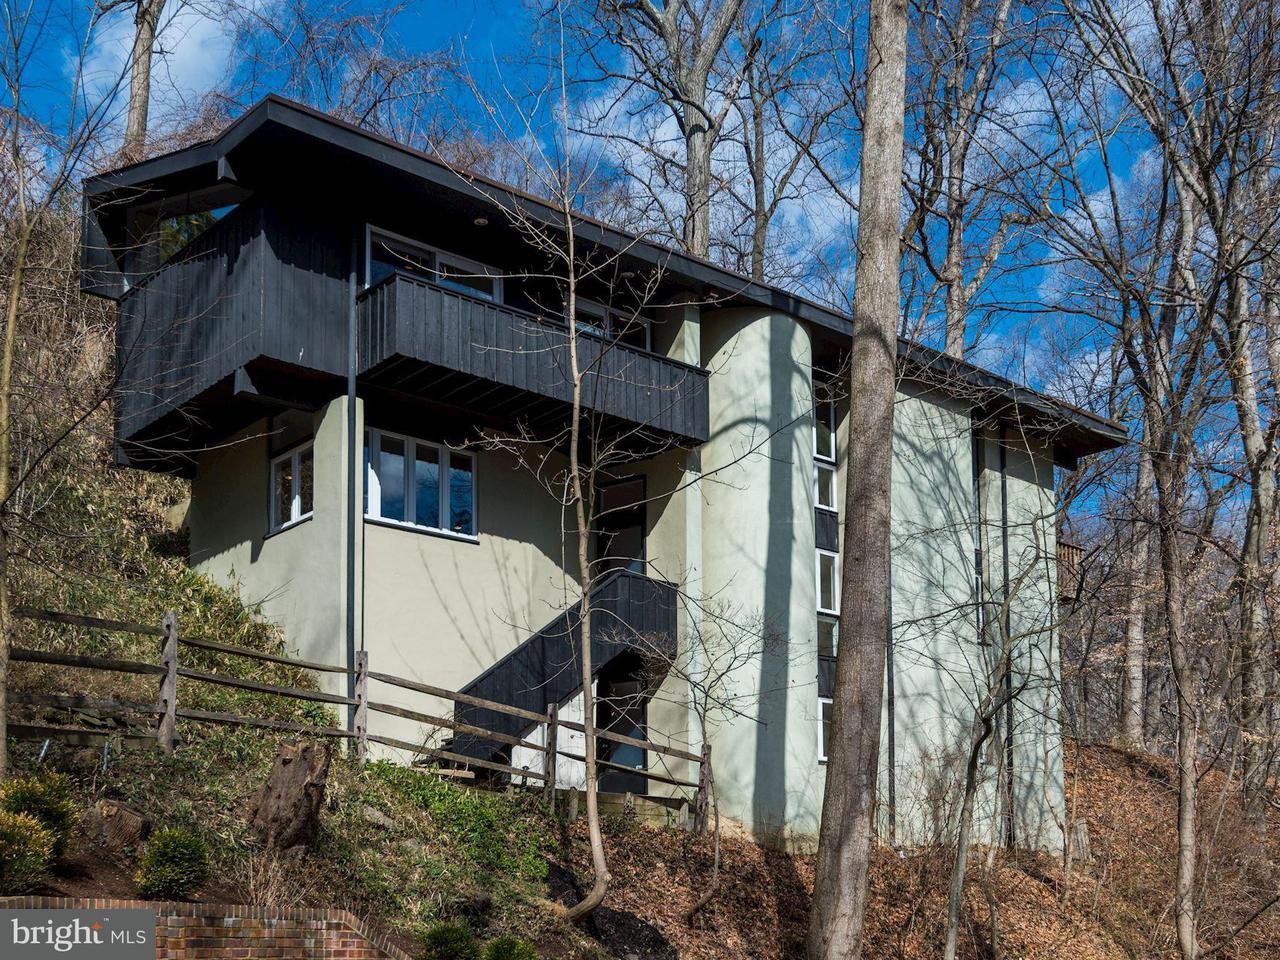 단독 가정 주택 용 매매 에 2801 Davenport St Nw 2801 Davenport St Nw Washington, 컬럼비아주 20008 미국